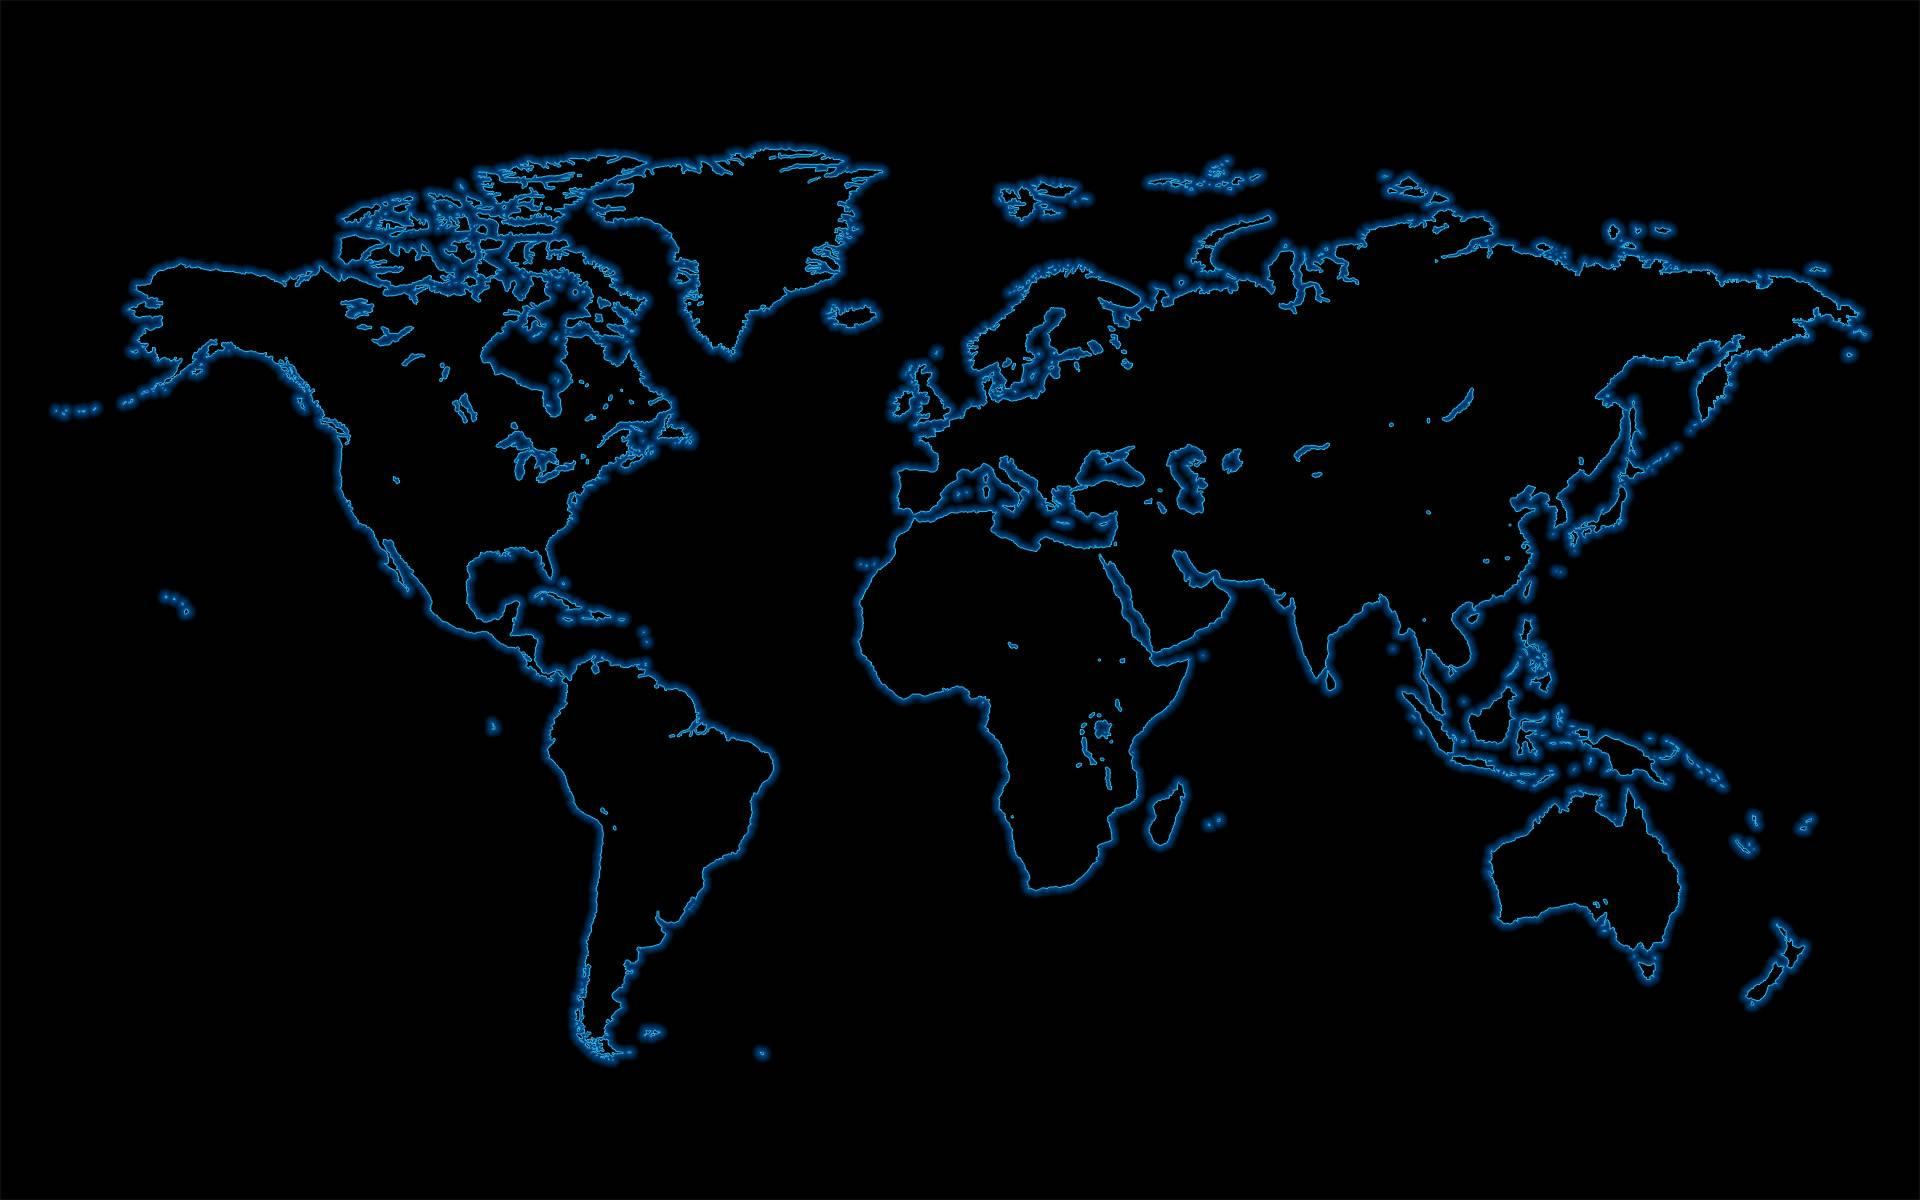 World map wallpaper 6247 1920x1200 px hdwallsource world map wallpaper 6247 gumiabroncs Choice Image